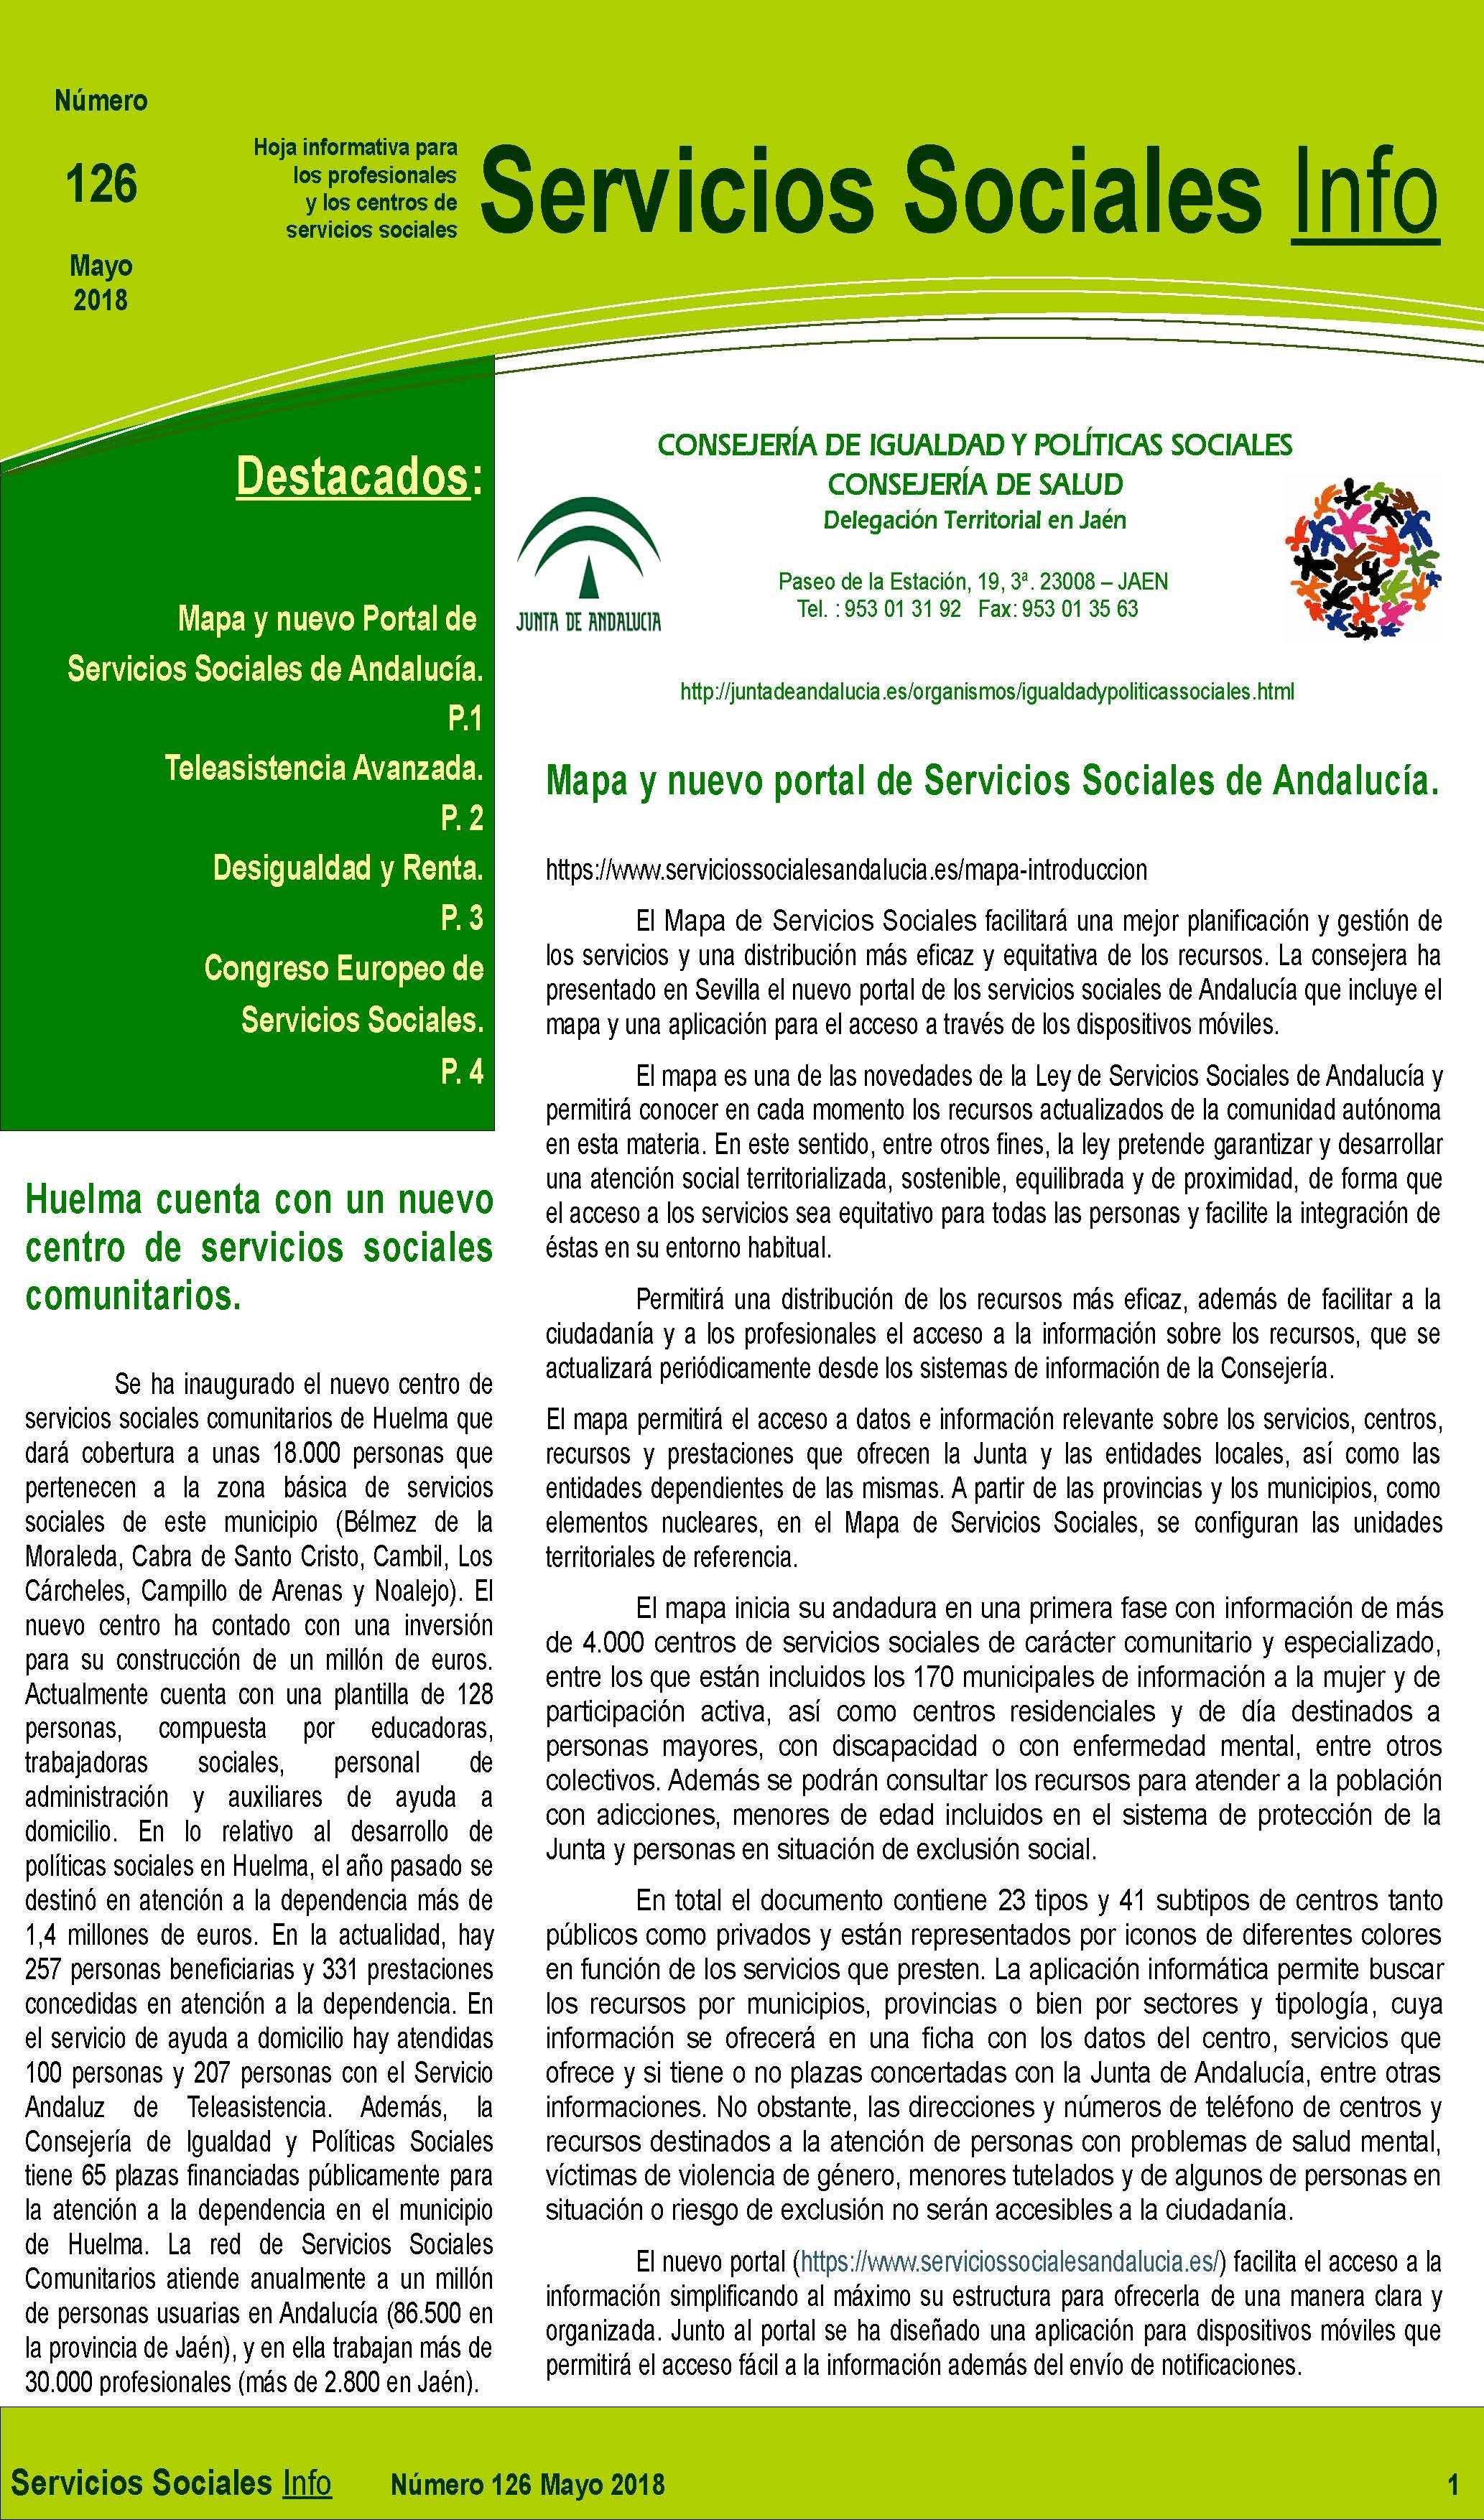 Magnífico Desigualdades Racionales Hoja De Trabajo Friso - hojas de ...